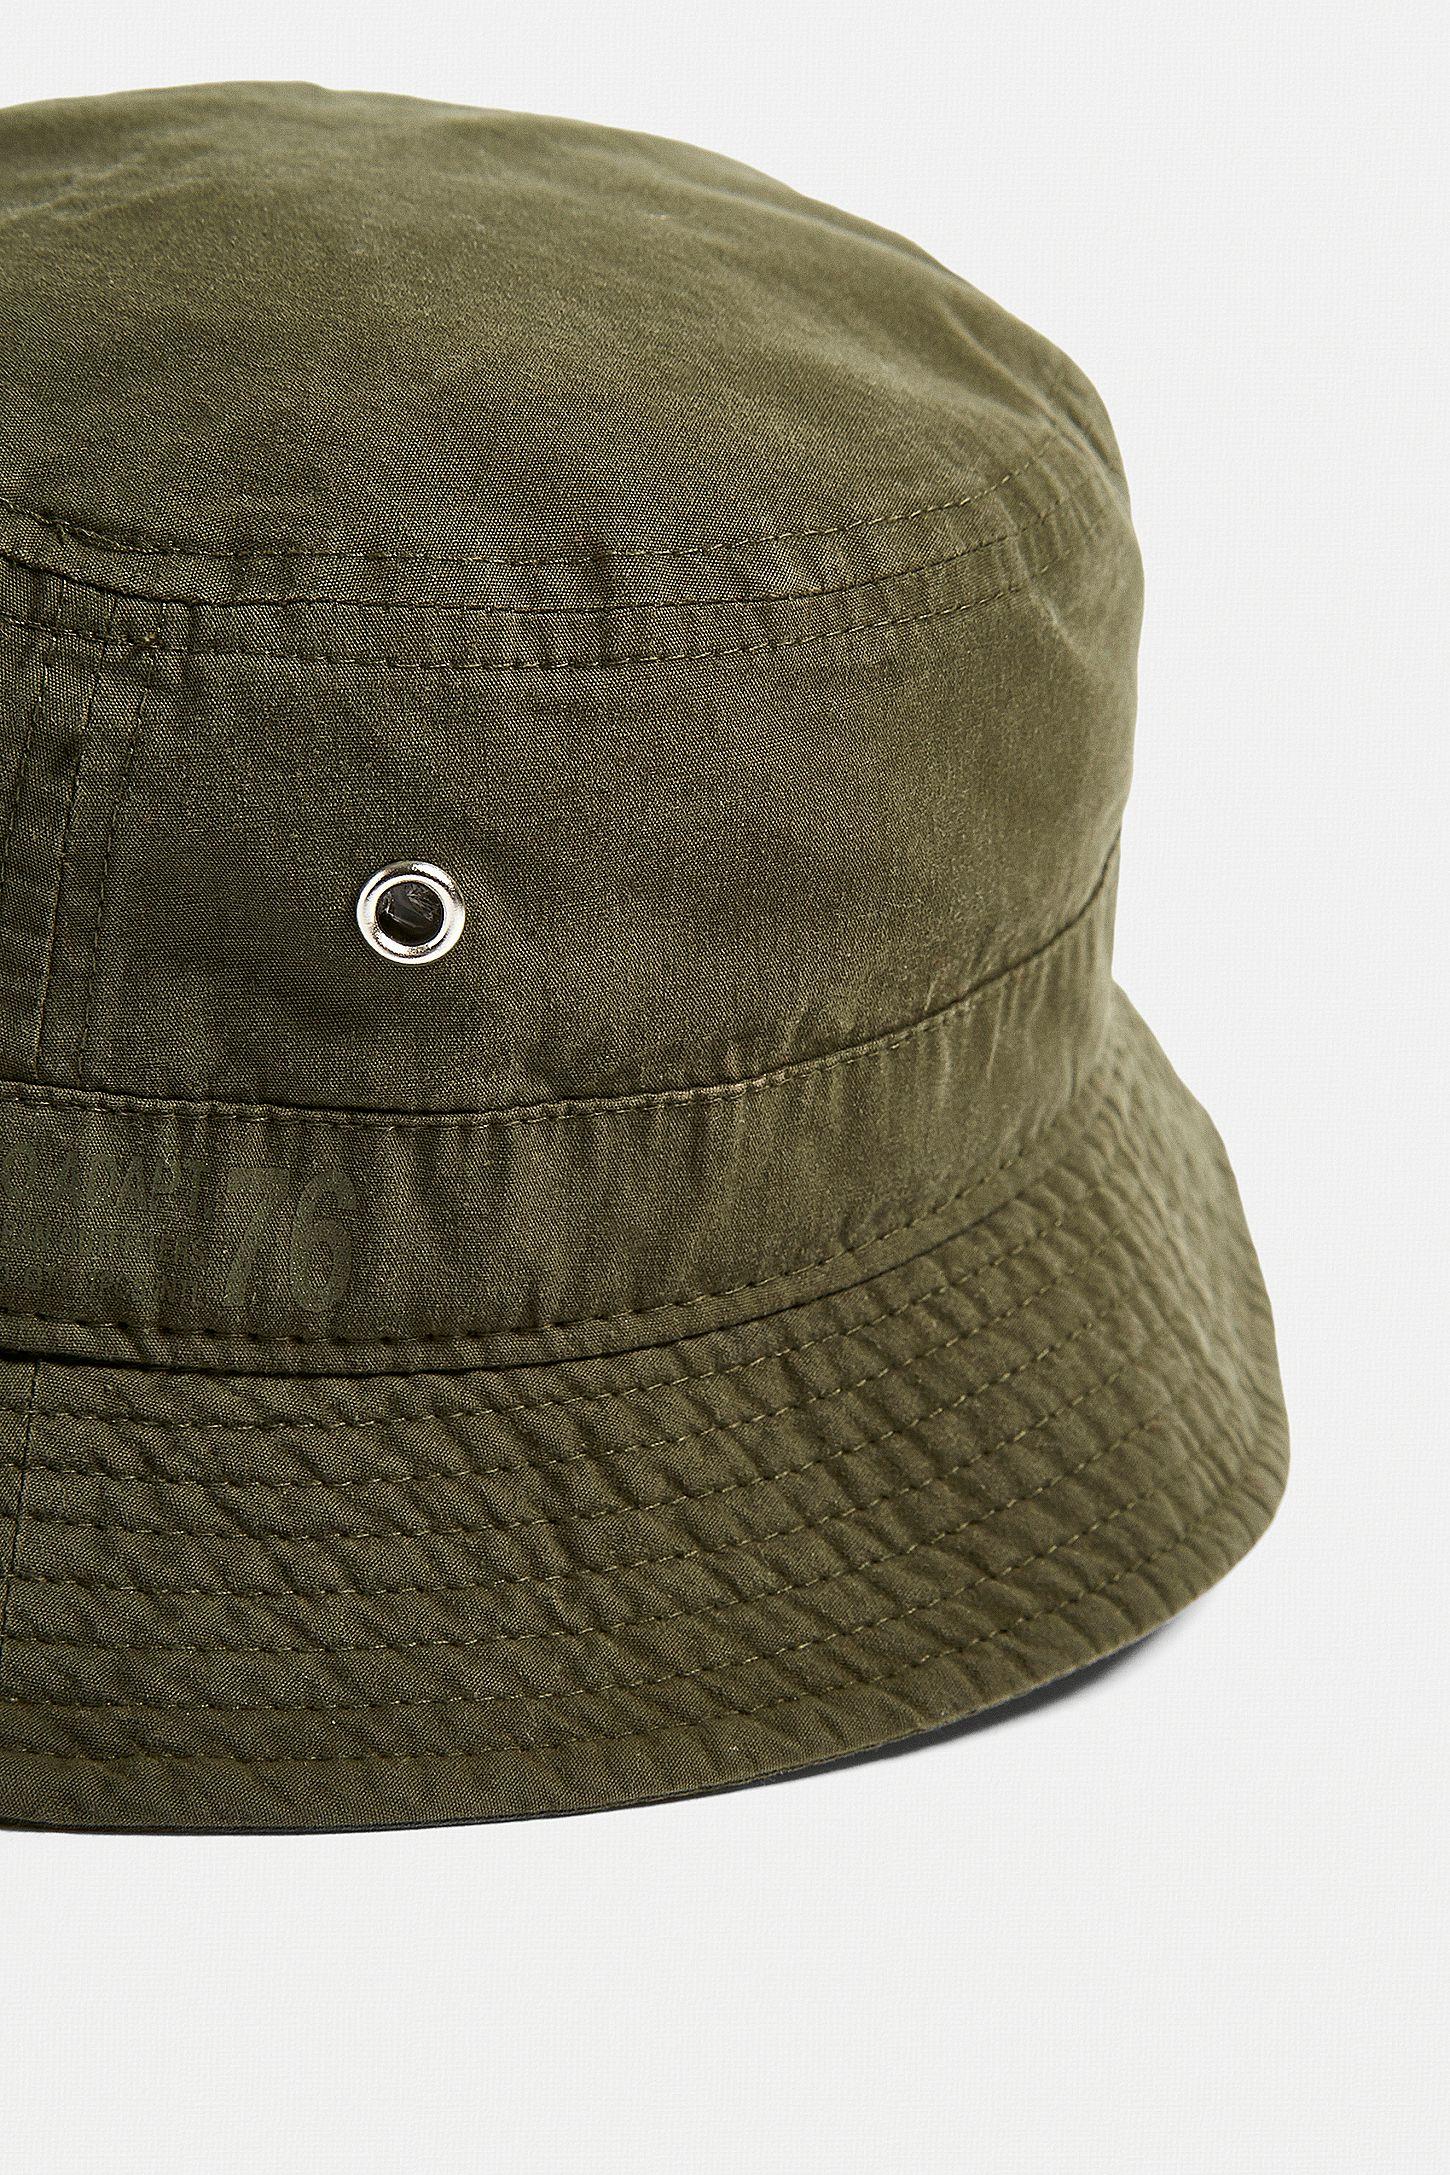 7438059c2 UO Washed Khaki Bucket Hat